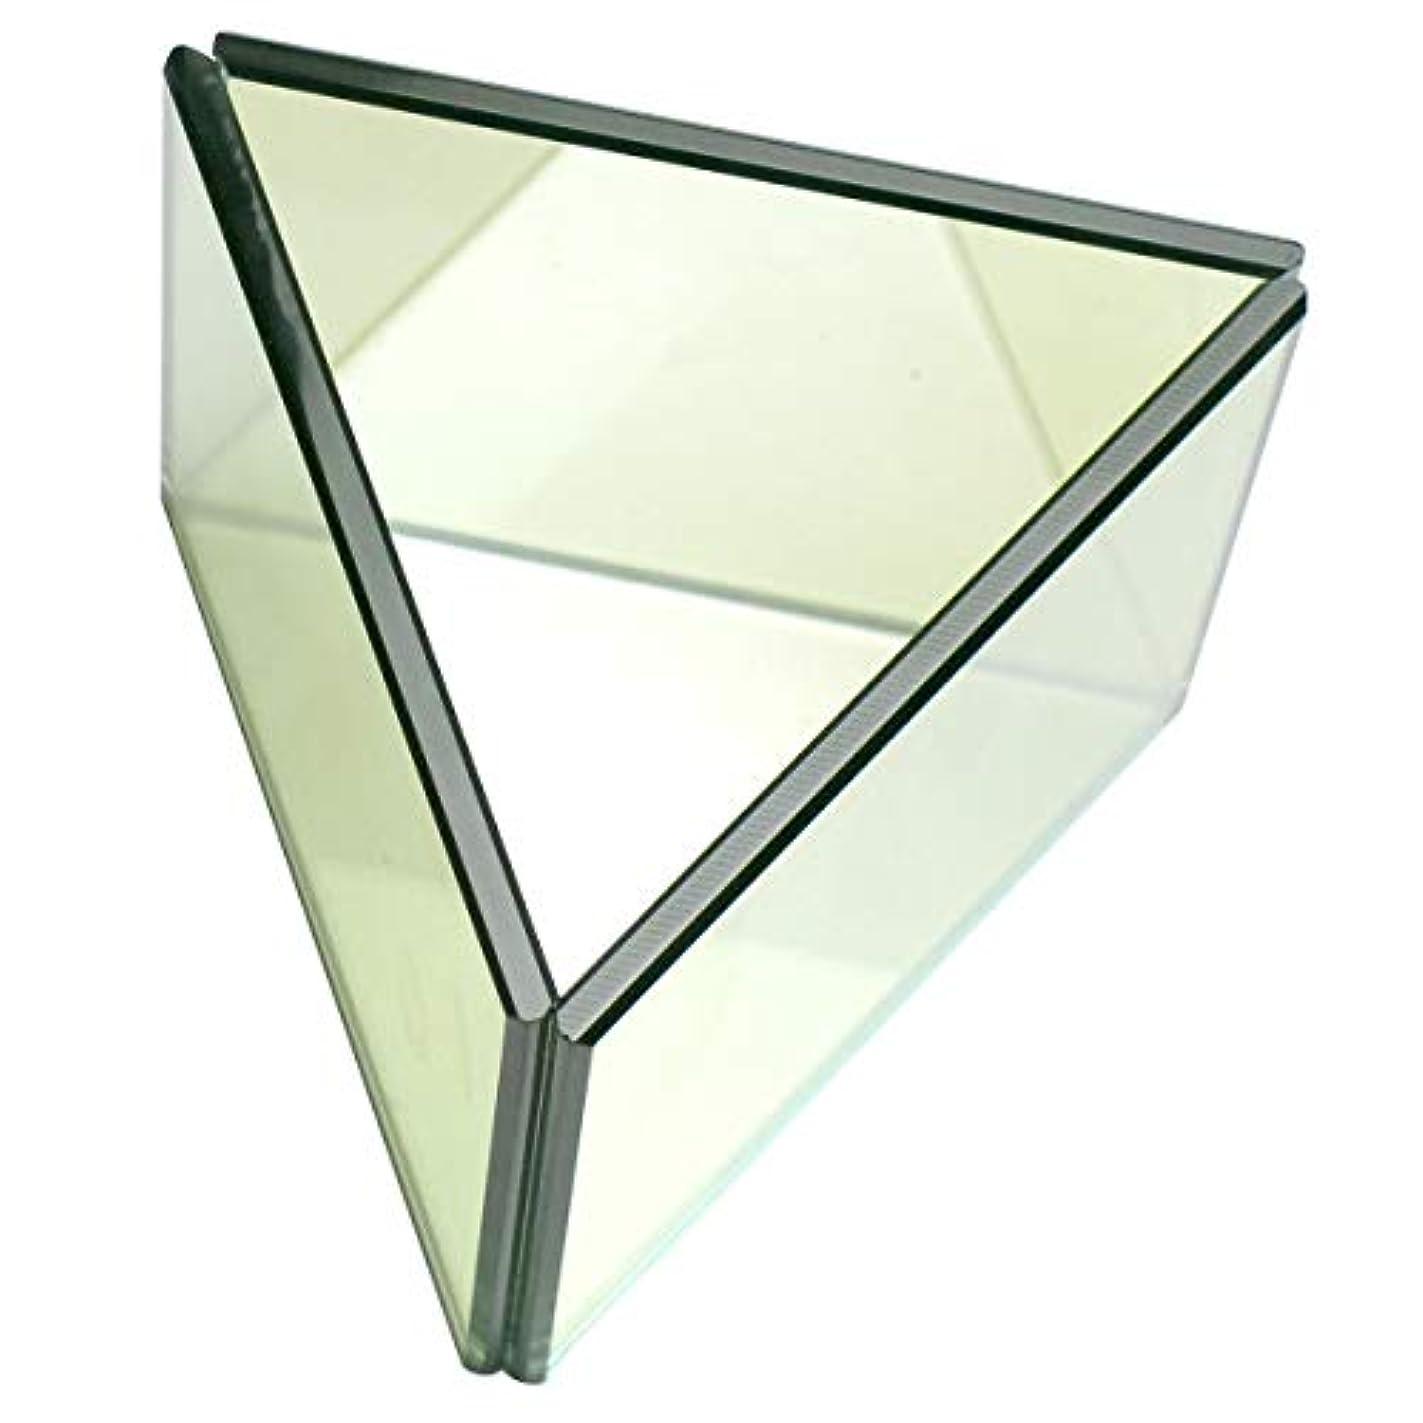 楽しむゴミ箱病んでいる無限連鎖キャンドルホルダー トライアングル ガラス キャンドルスタンド ランタン 誕生日 ティーライトキャンドル